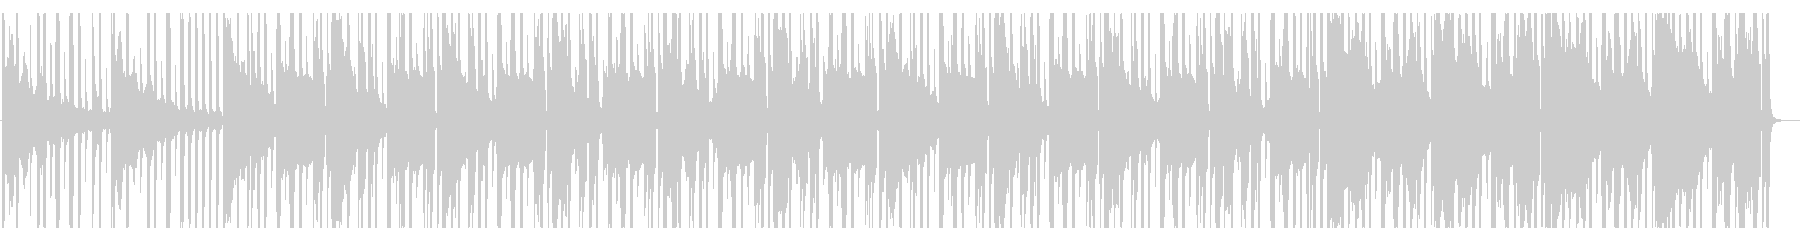 ムーディー/R&B_No395_2の未再生の波形